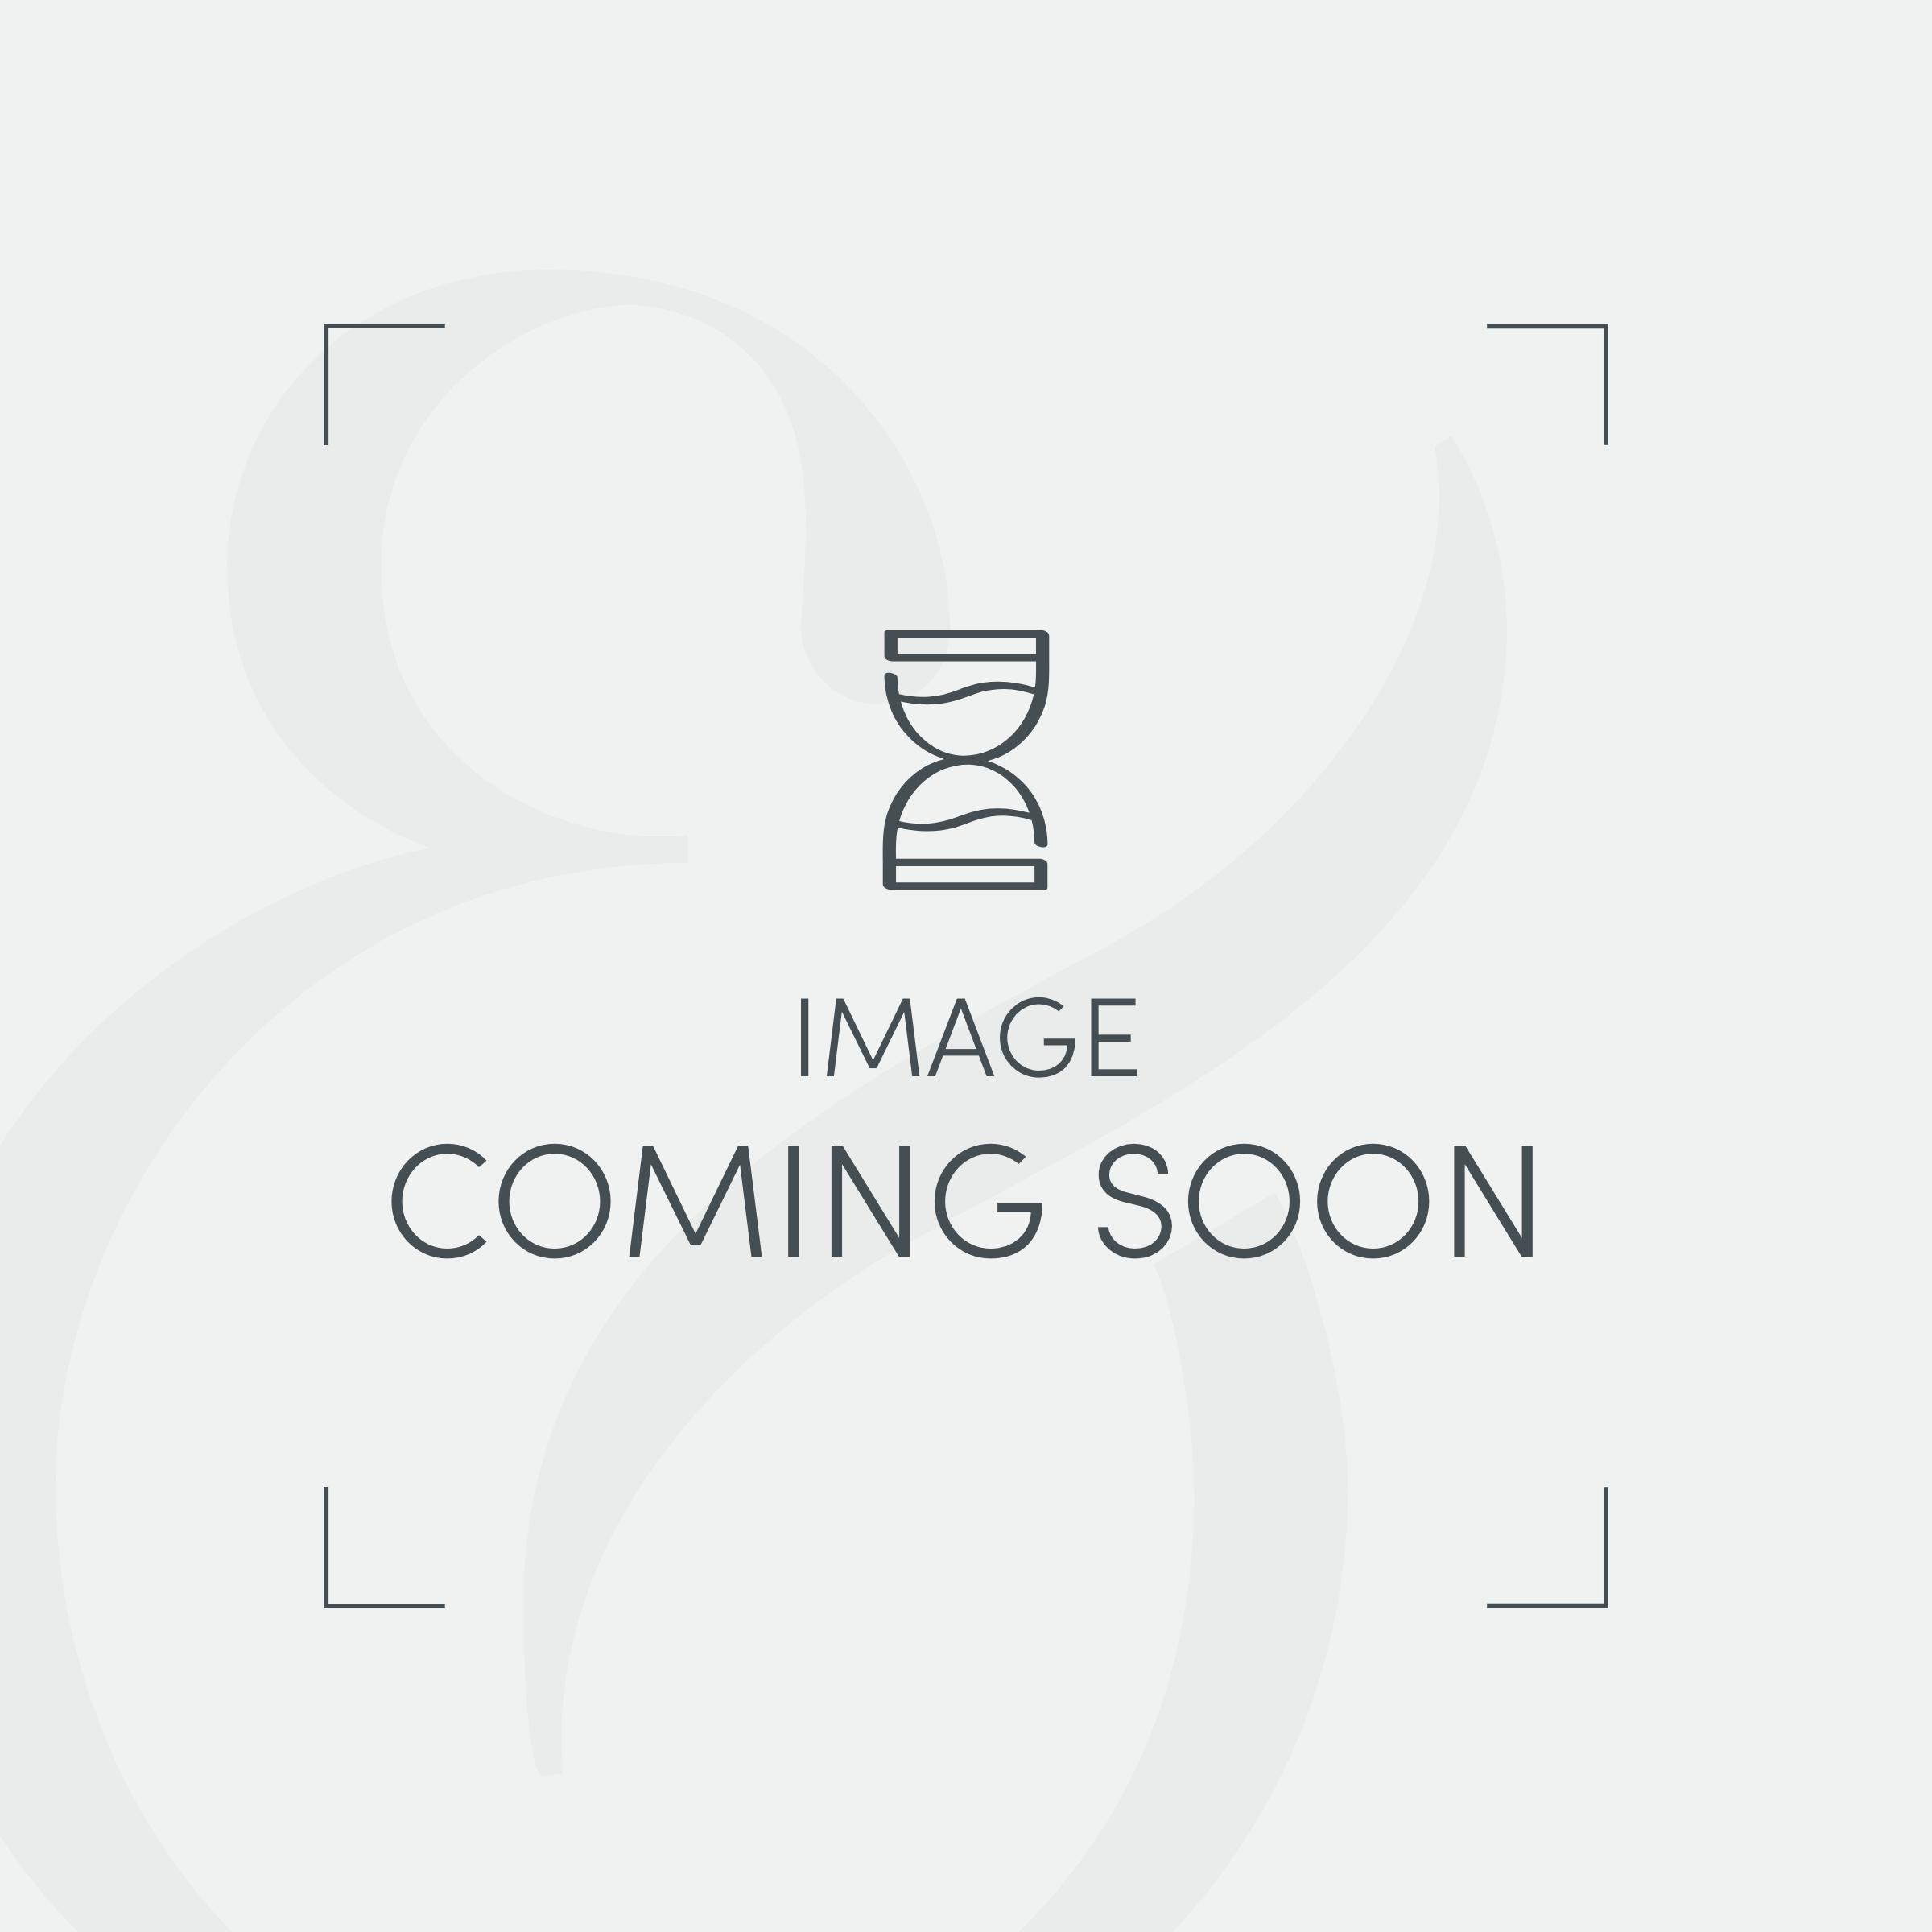 100% Pure French Linen - King Duvet Cover - Light Grey